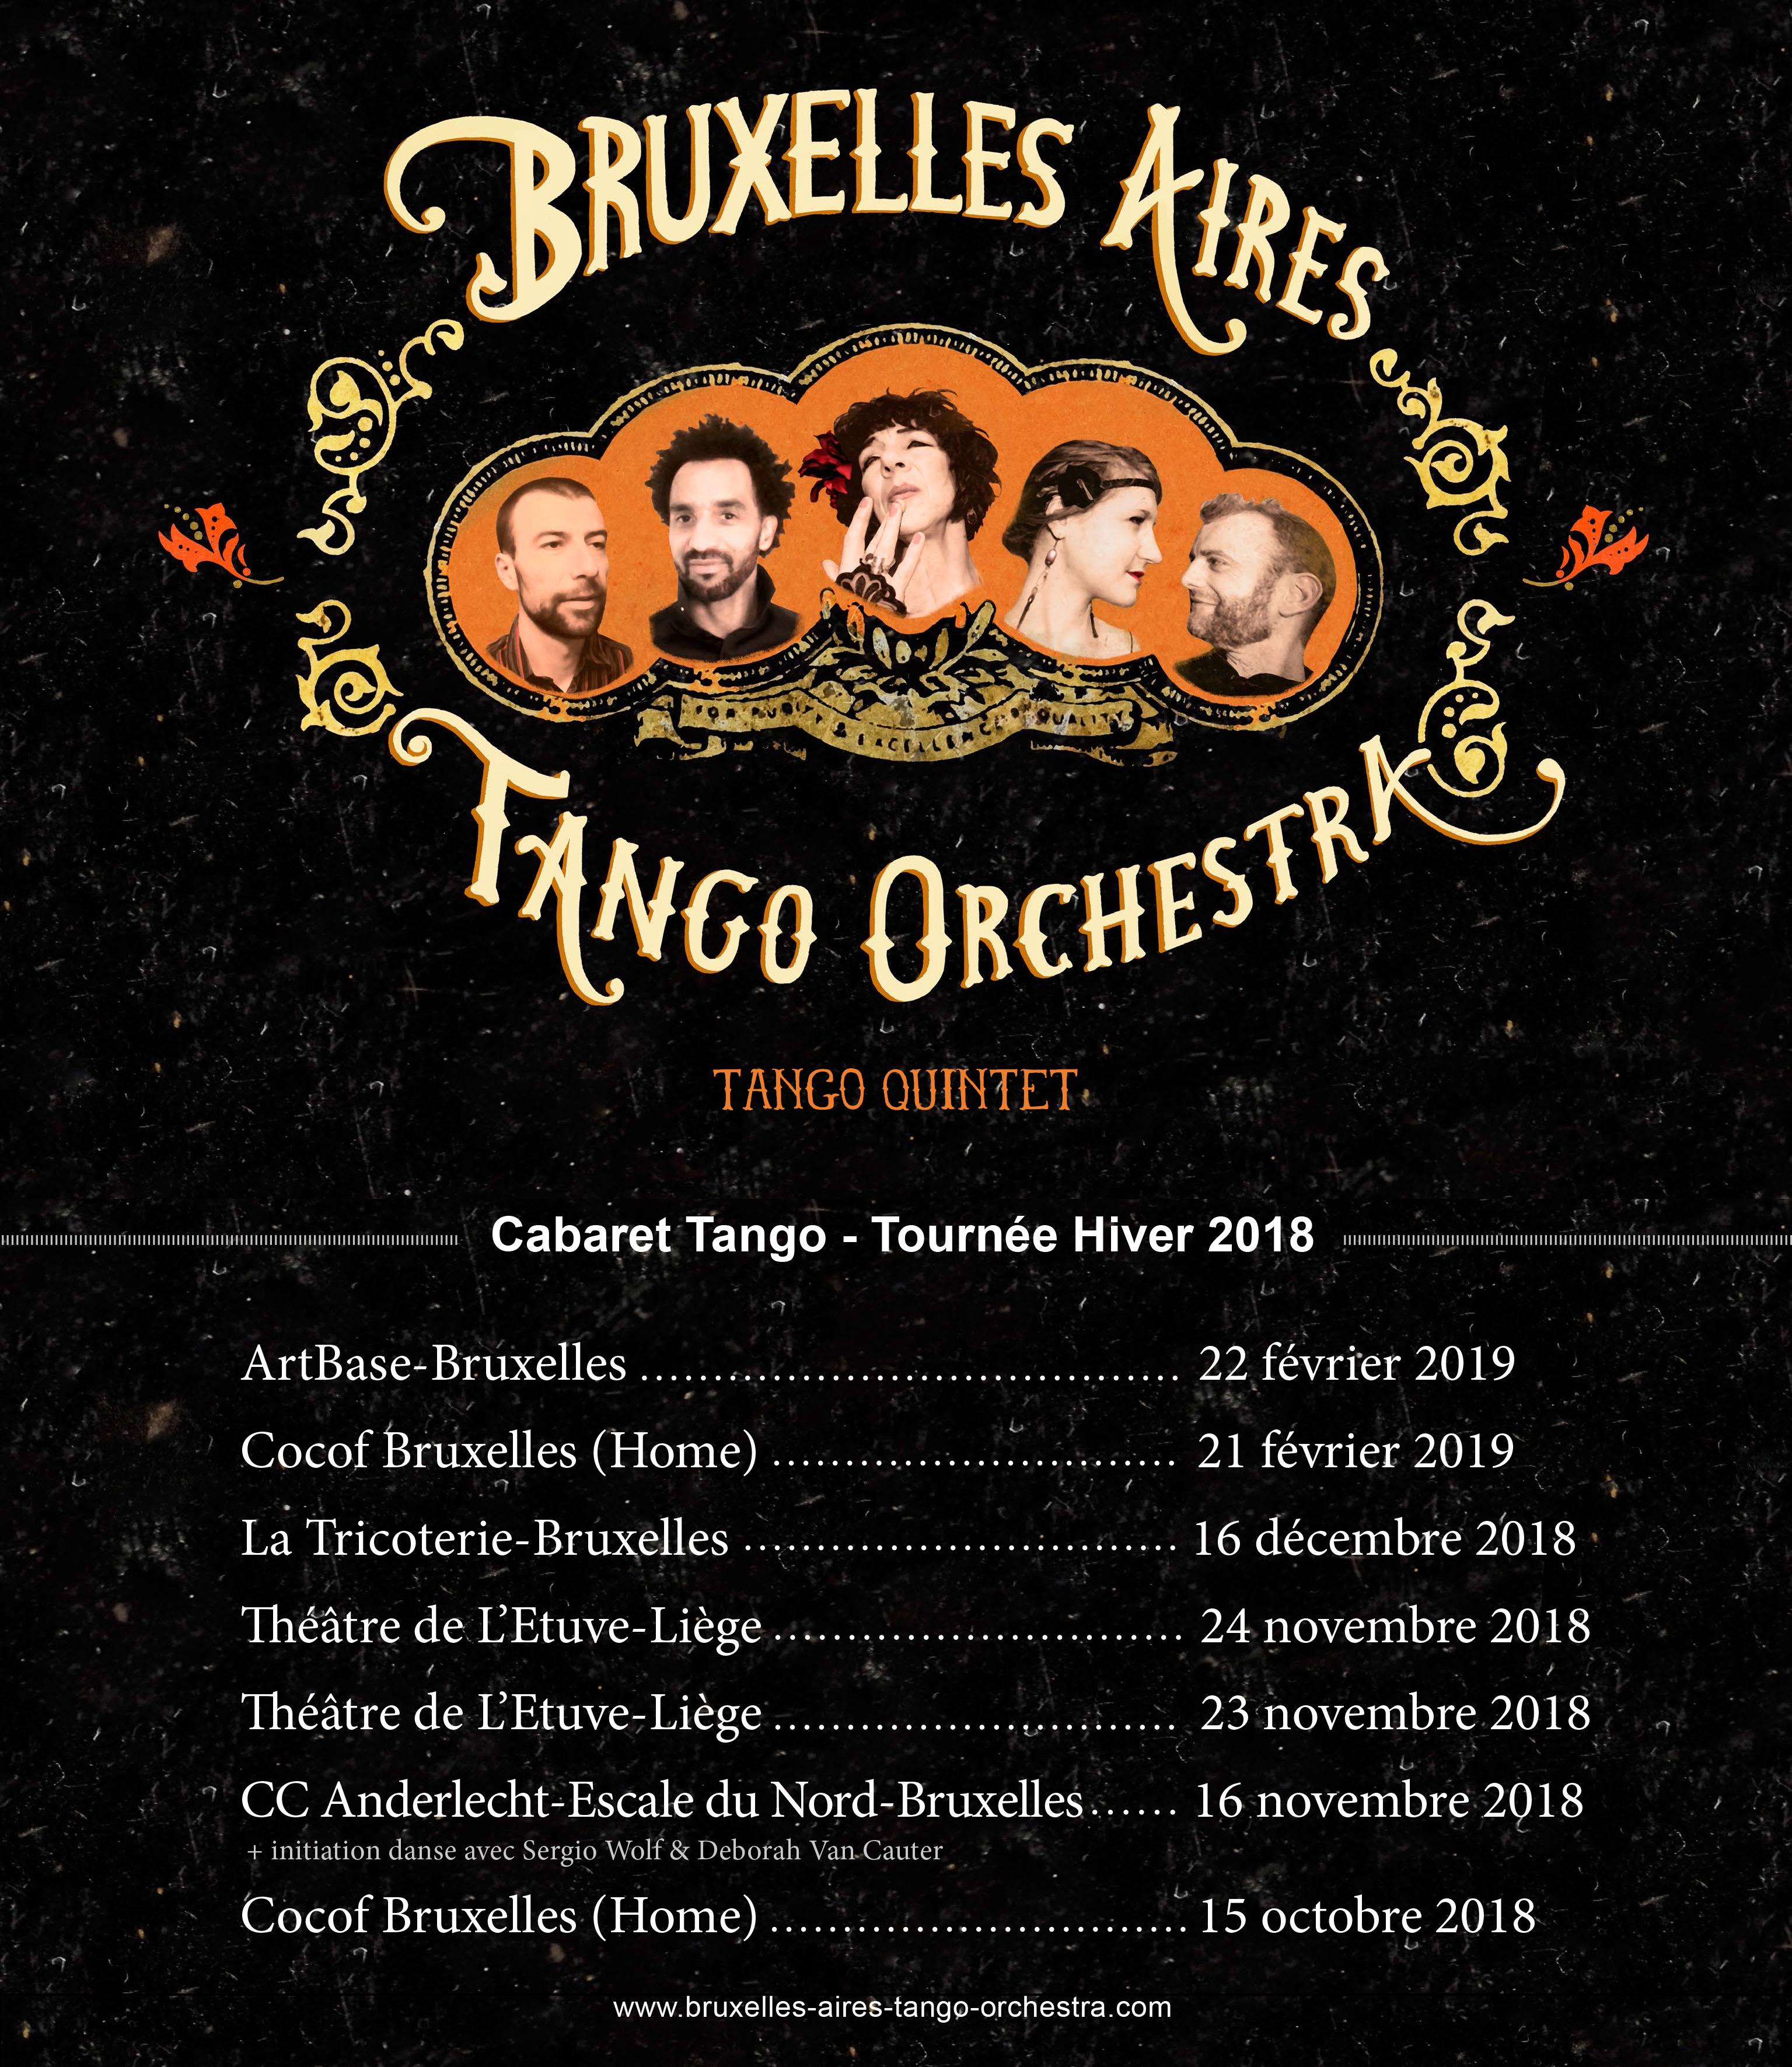 tournée_hiver_2018